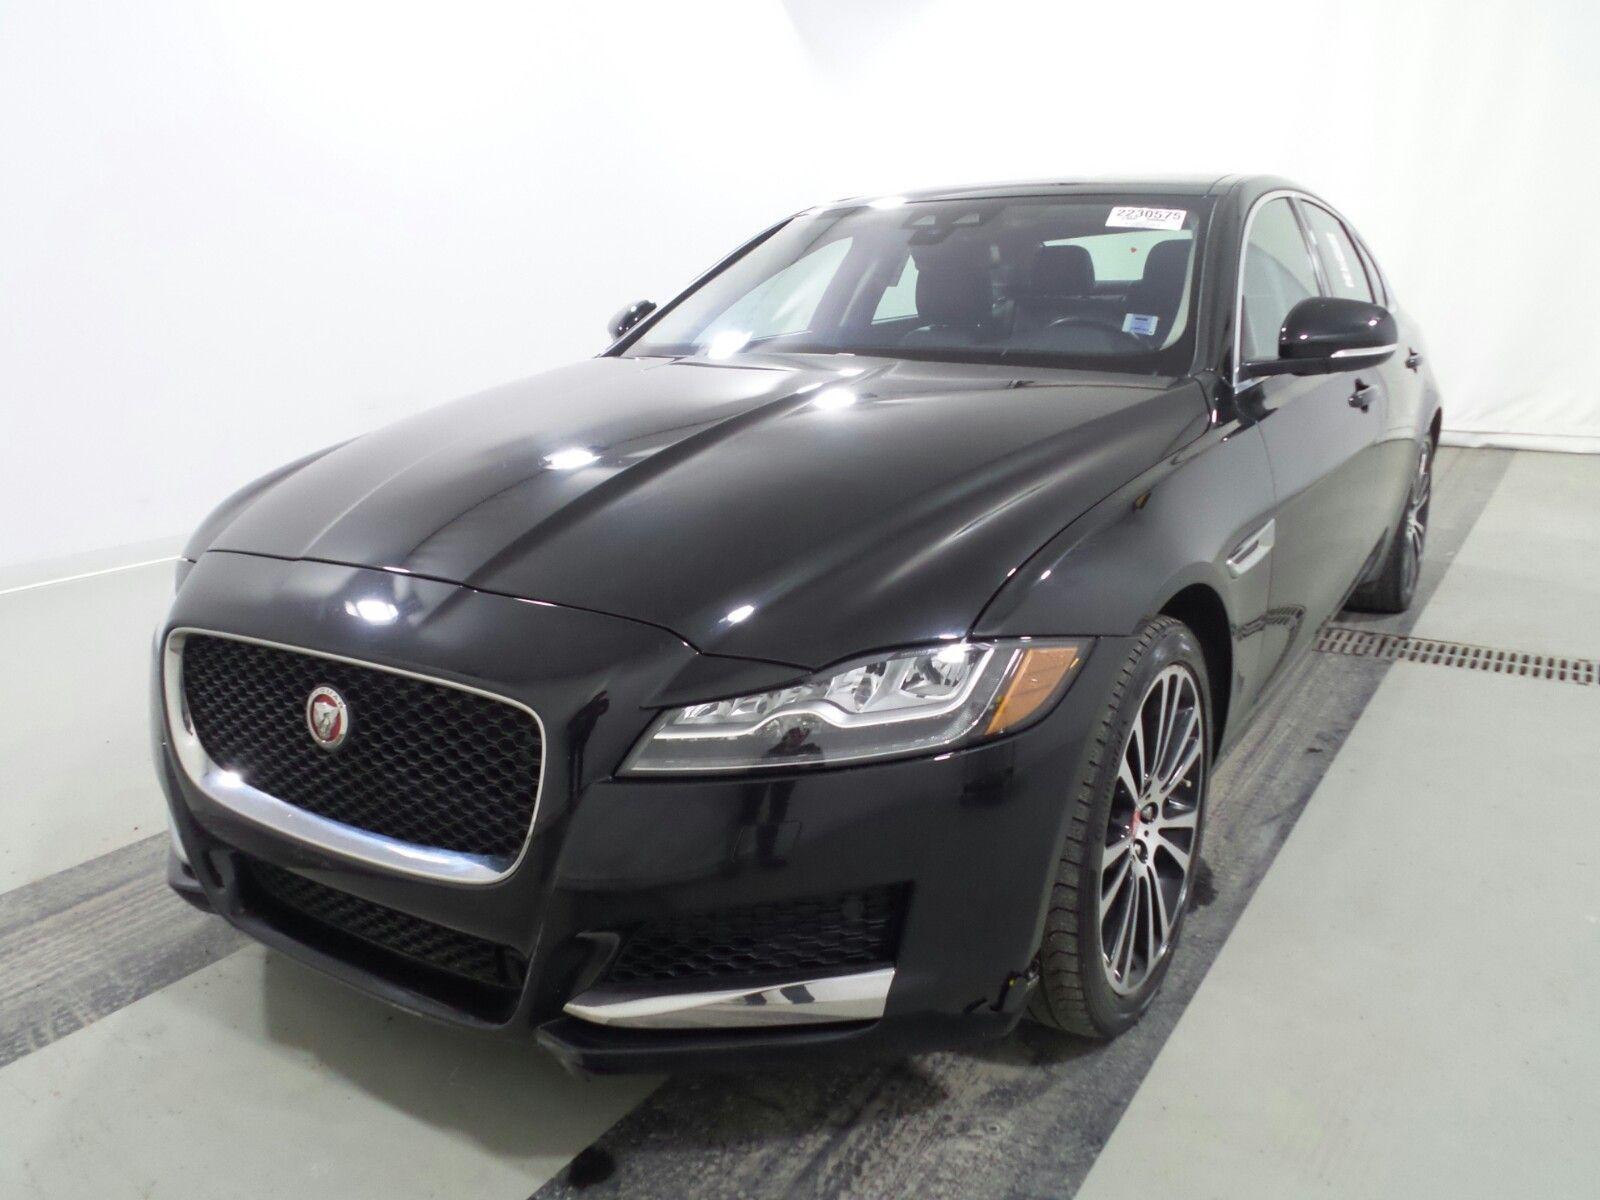 2017 Jaguar Xf 3.0. Lot 9994550919 Vin SAJBK4BVXHCY28555